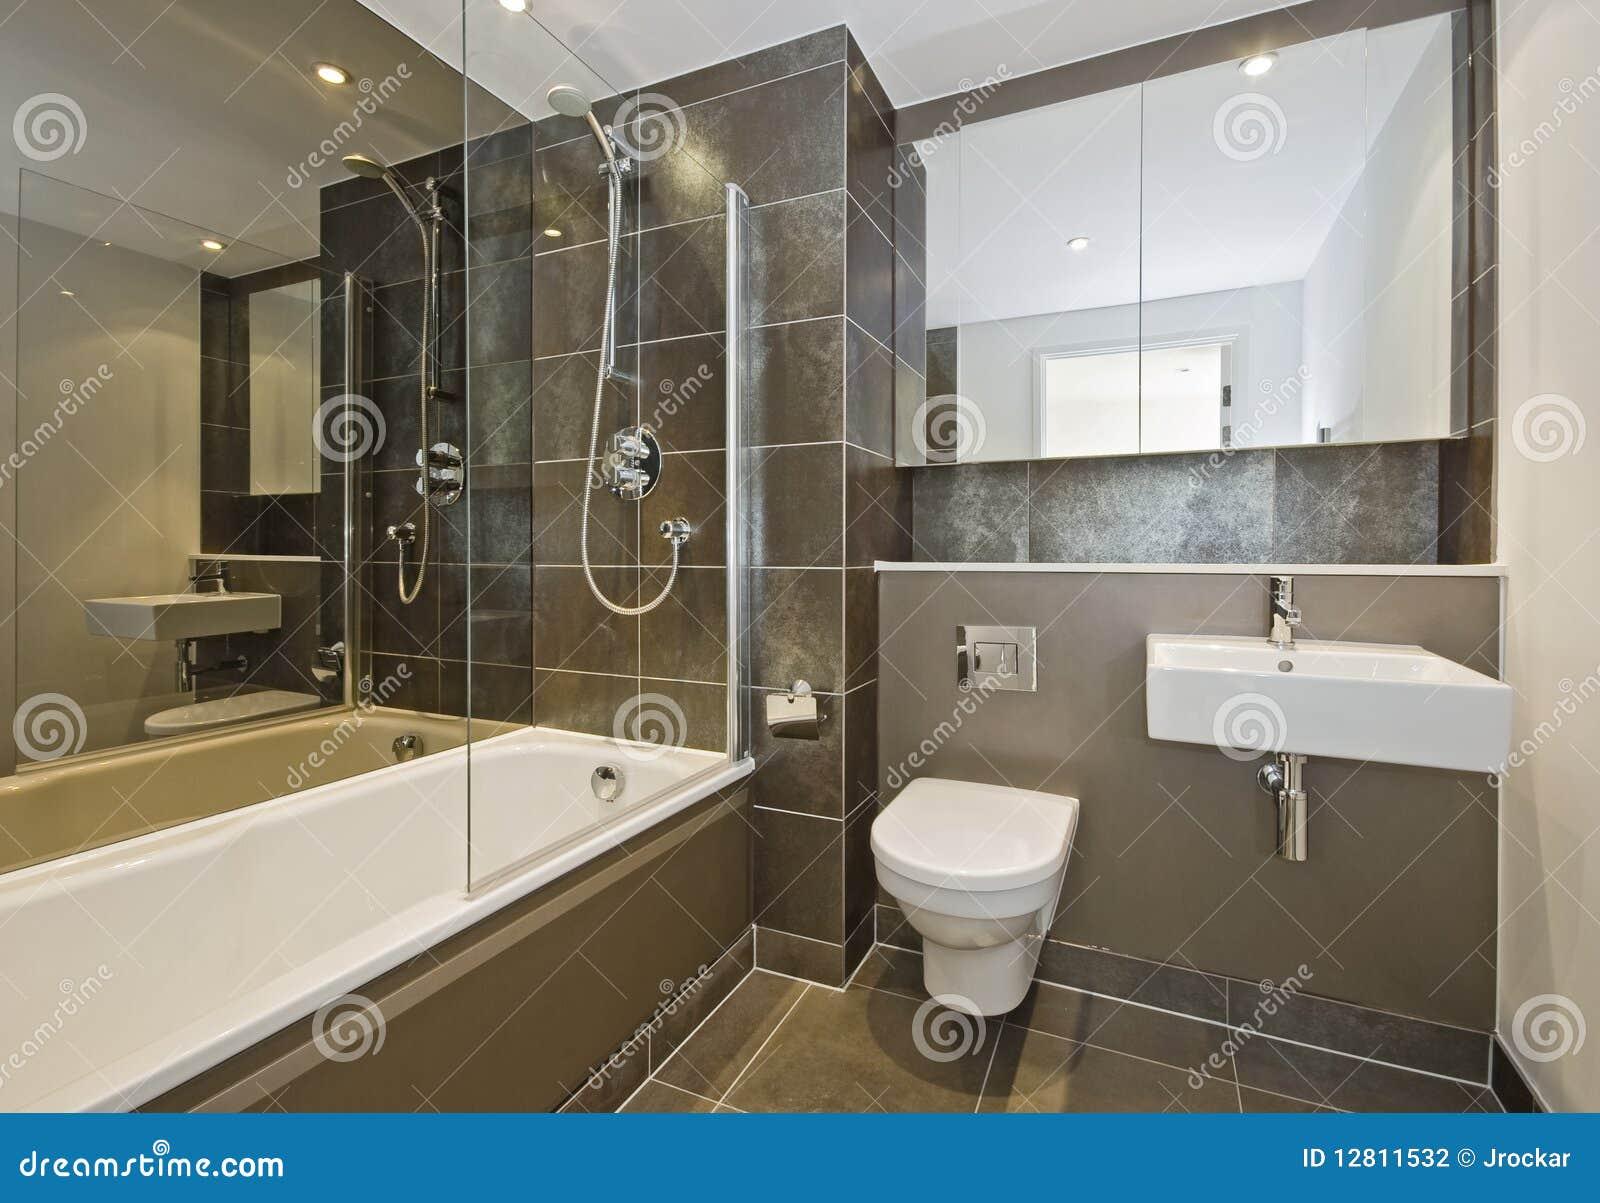 Stanza Da Bagno Di Lusso Fotografia Stock - Immagine: 12811532